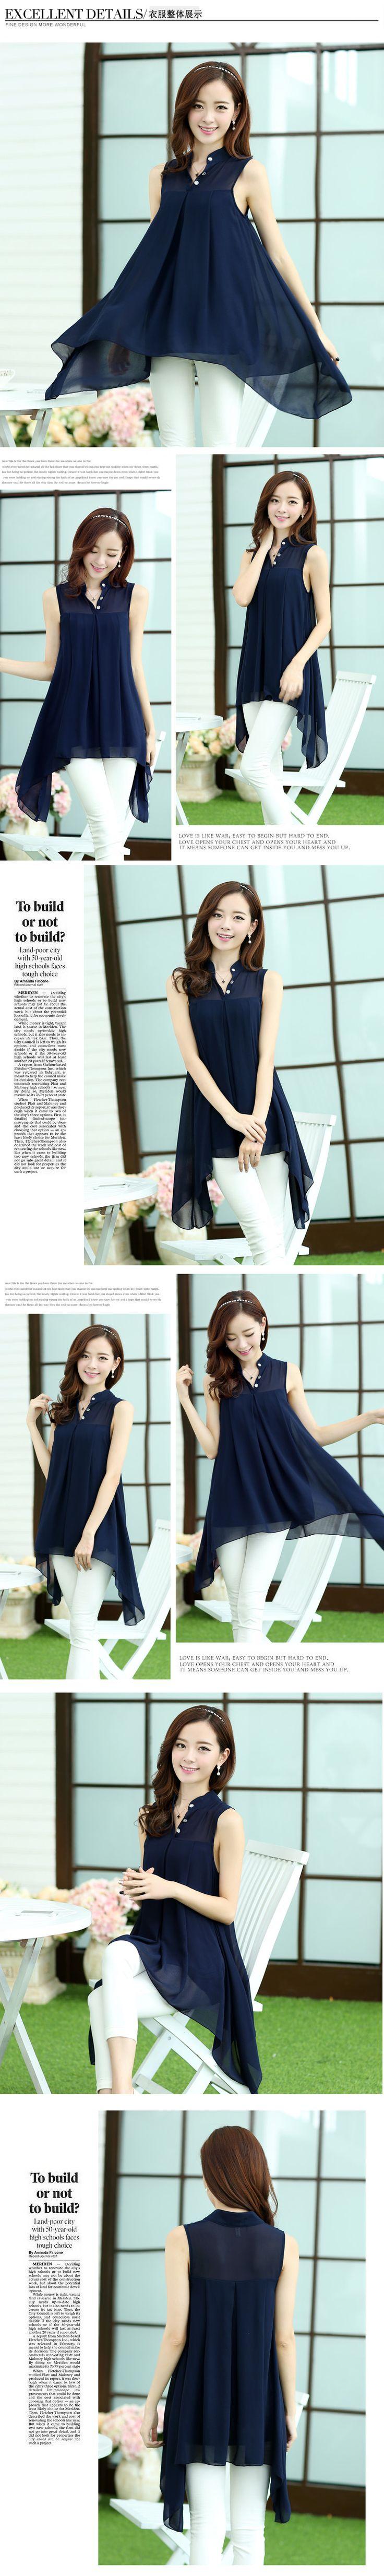 2015 bahar yeni Kore uzun paragraf kolsuz şifon gömlek bluz büyük boy gömlek kadın yaz düzensiz - Taobao